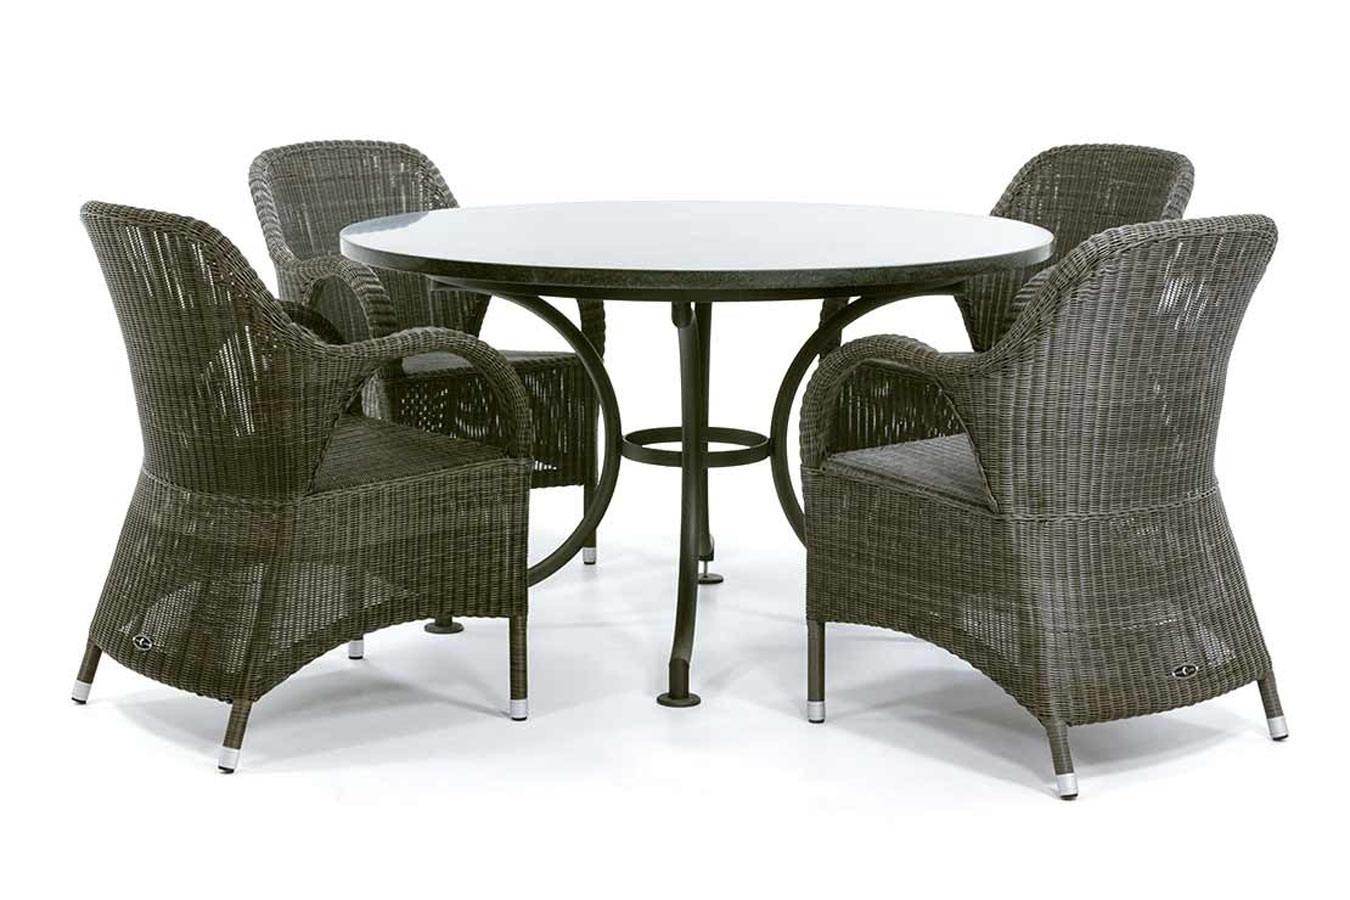 Granieten tafel met vlechtwerk stoelen